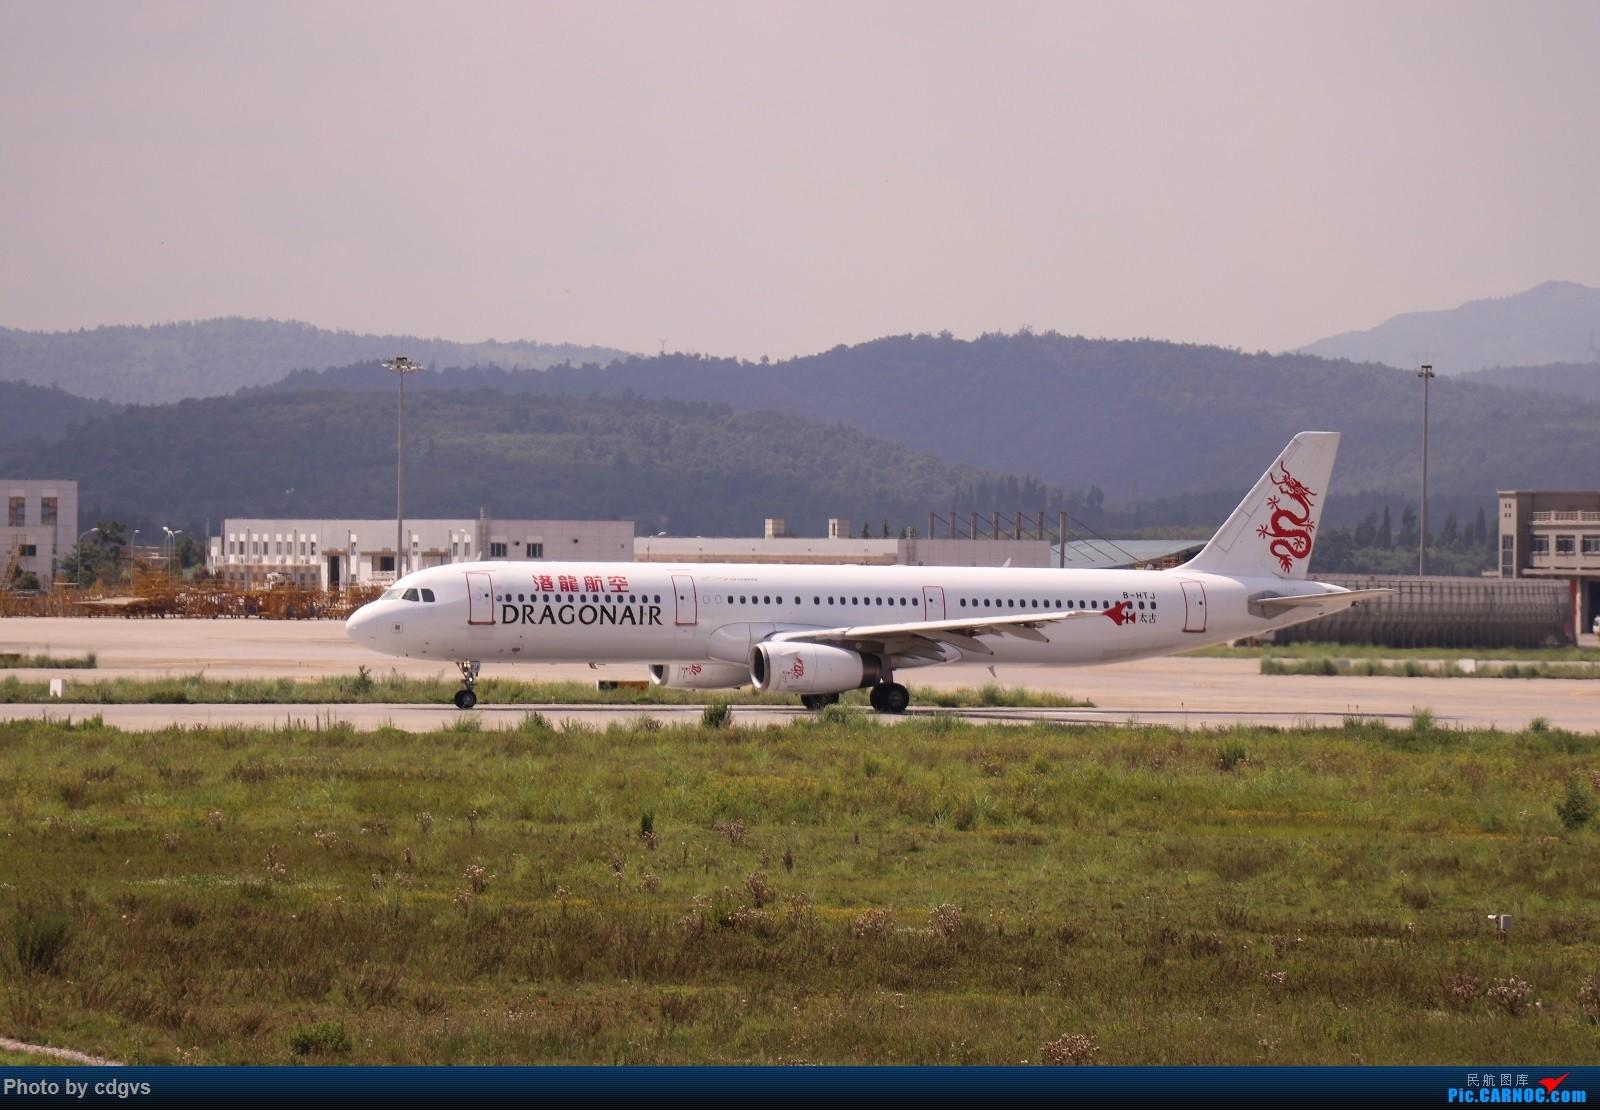 Re:[原创]【KMG】昆明的一天 1600大图 一次看个爽 AIRBUS A321-200 B-HTJ 中国昆明长水国际机场